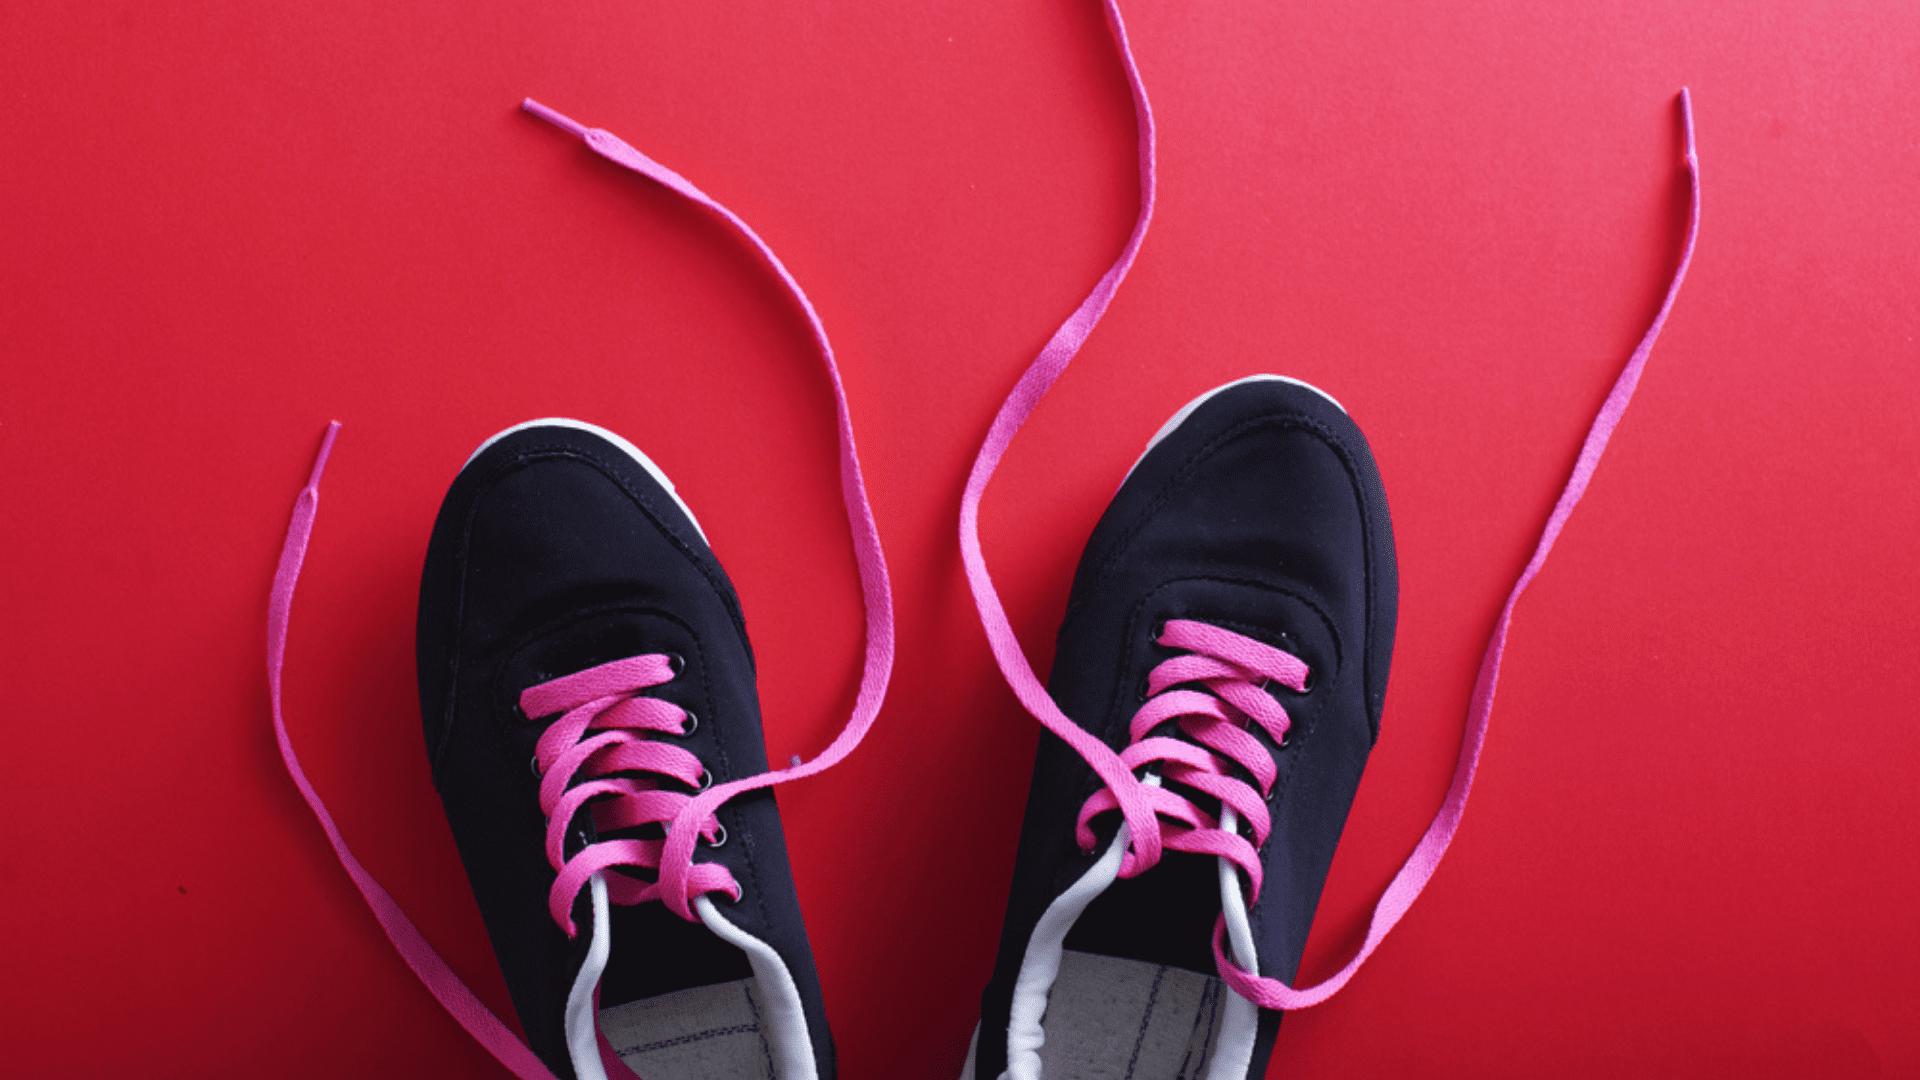 Descubra quais foram os tênis para caminhada mais vendidos no Zoom em maio de 2021! (Imagem: Reprodução/Shutterstock)